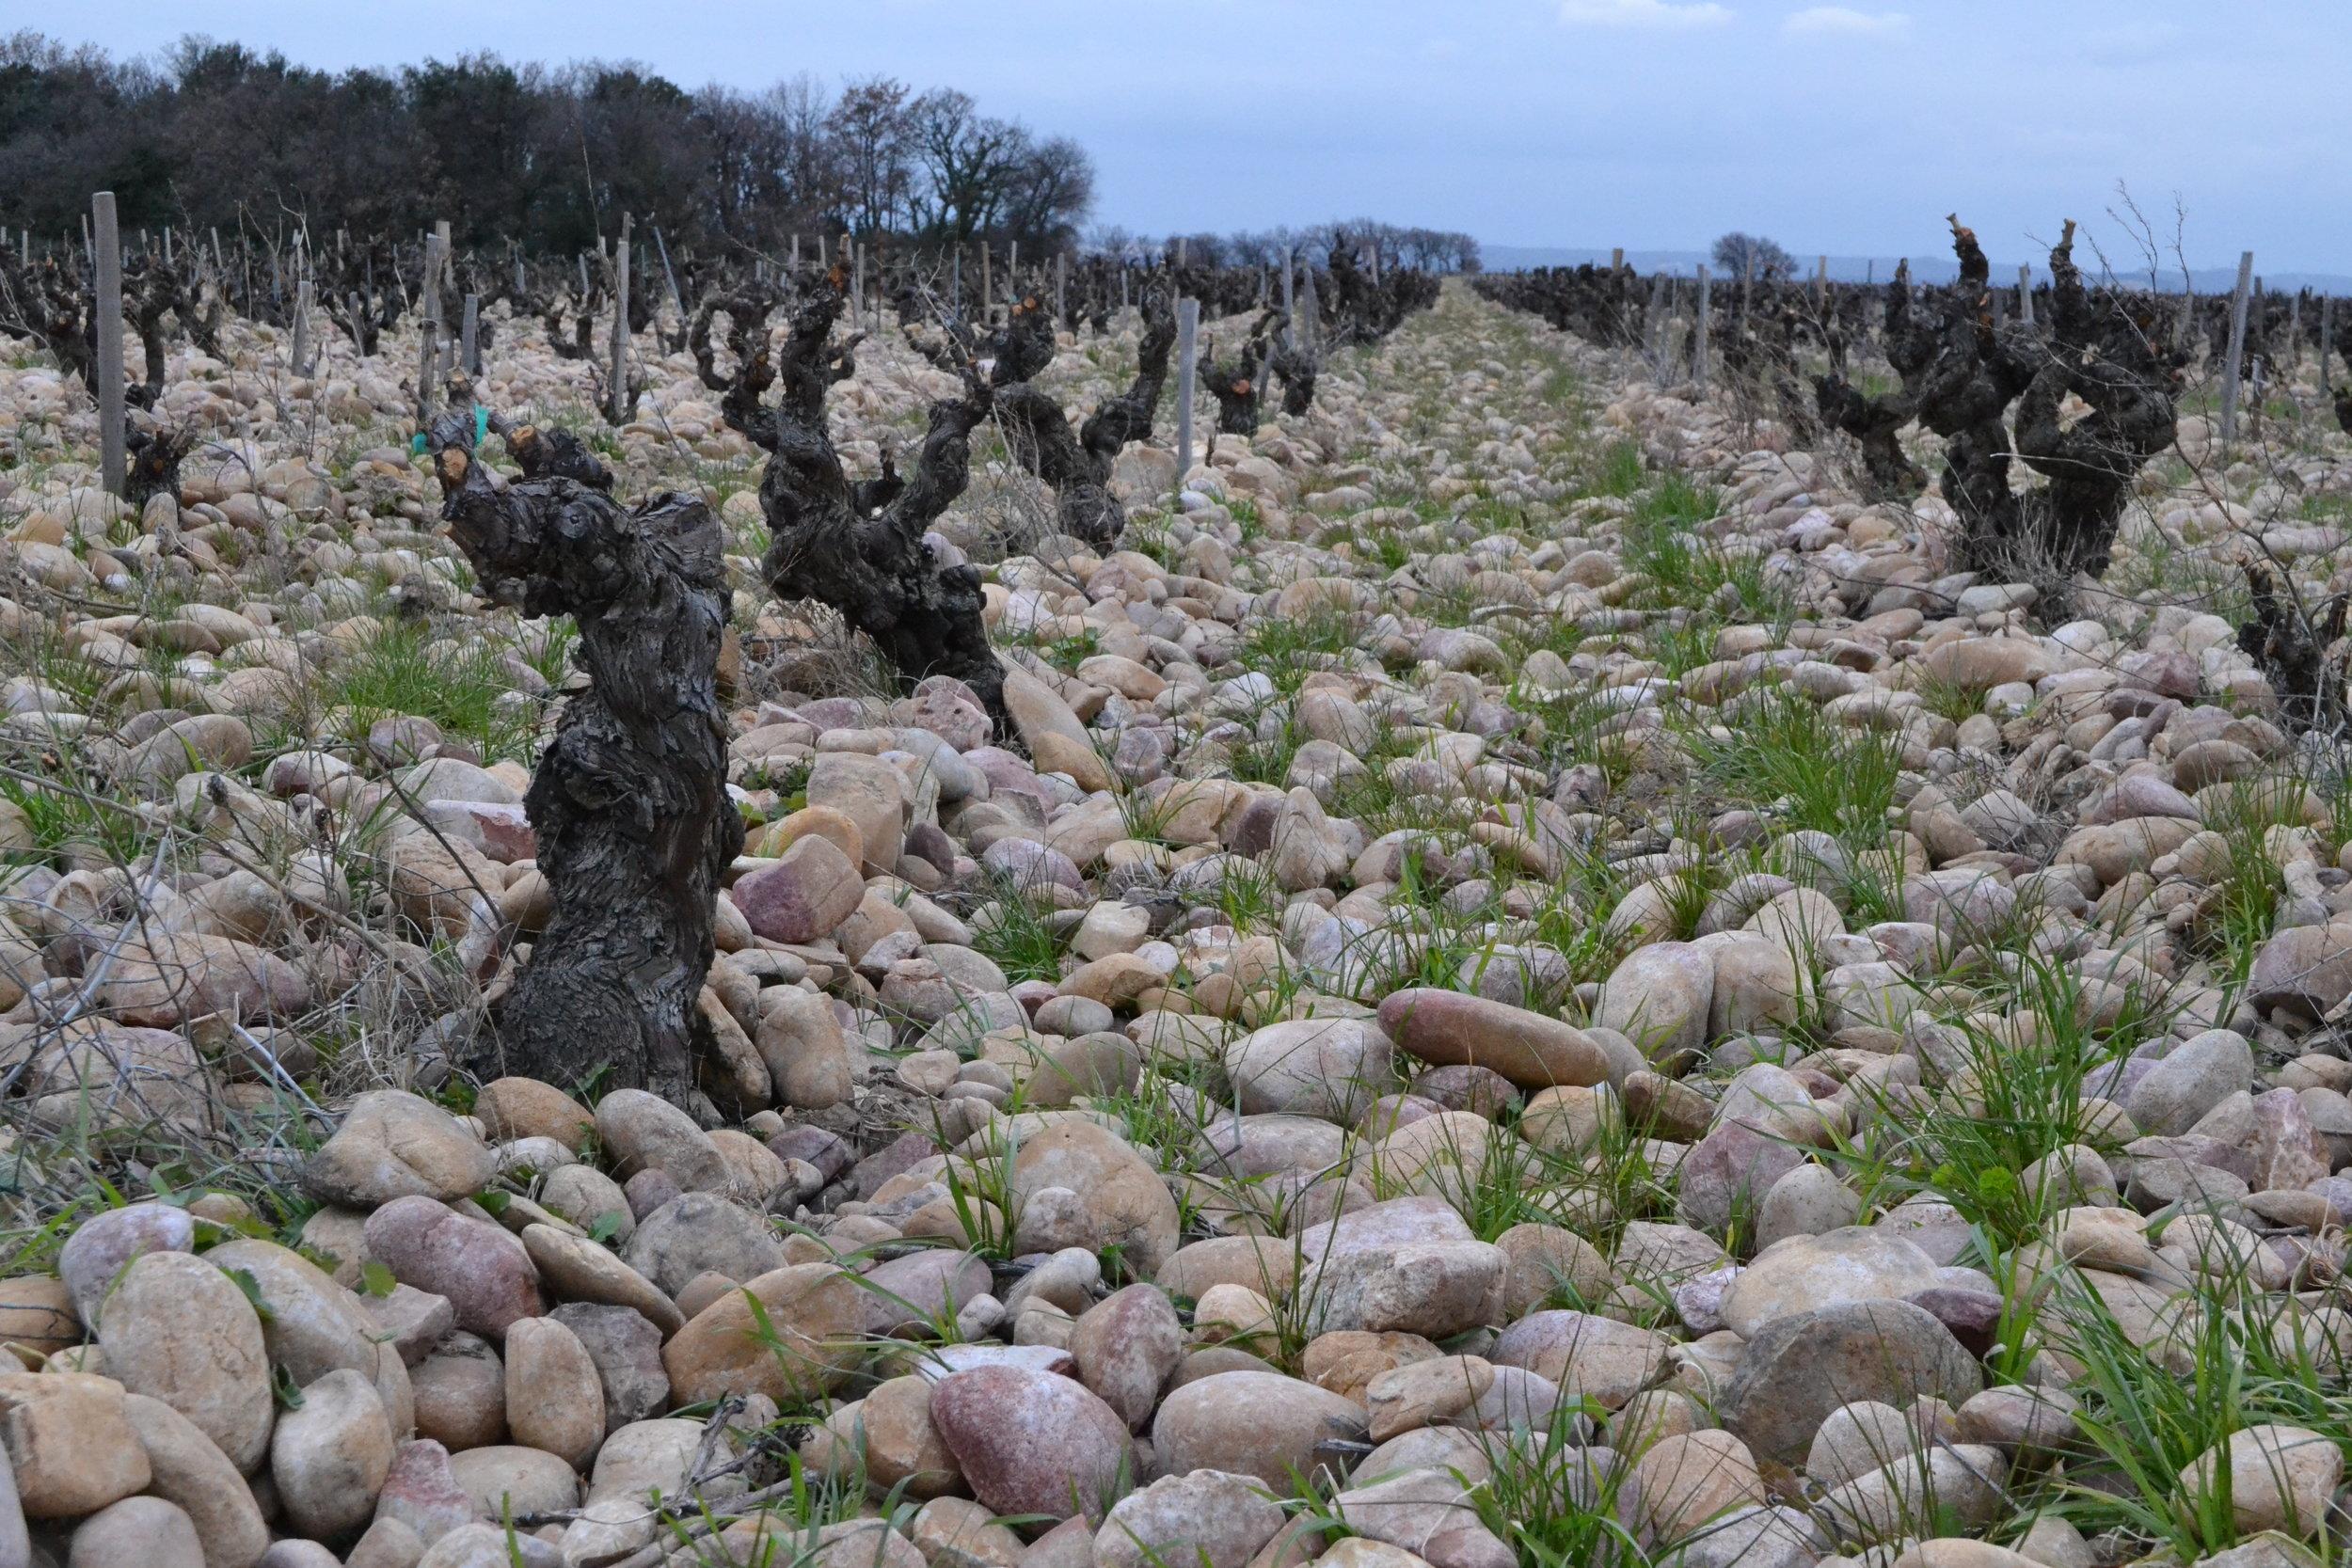 Châteauneuf-du-Pape: Gallette stones